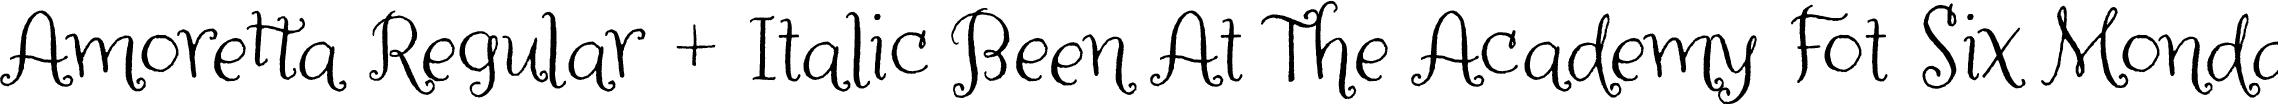 Amoretta Regular + Italic